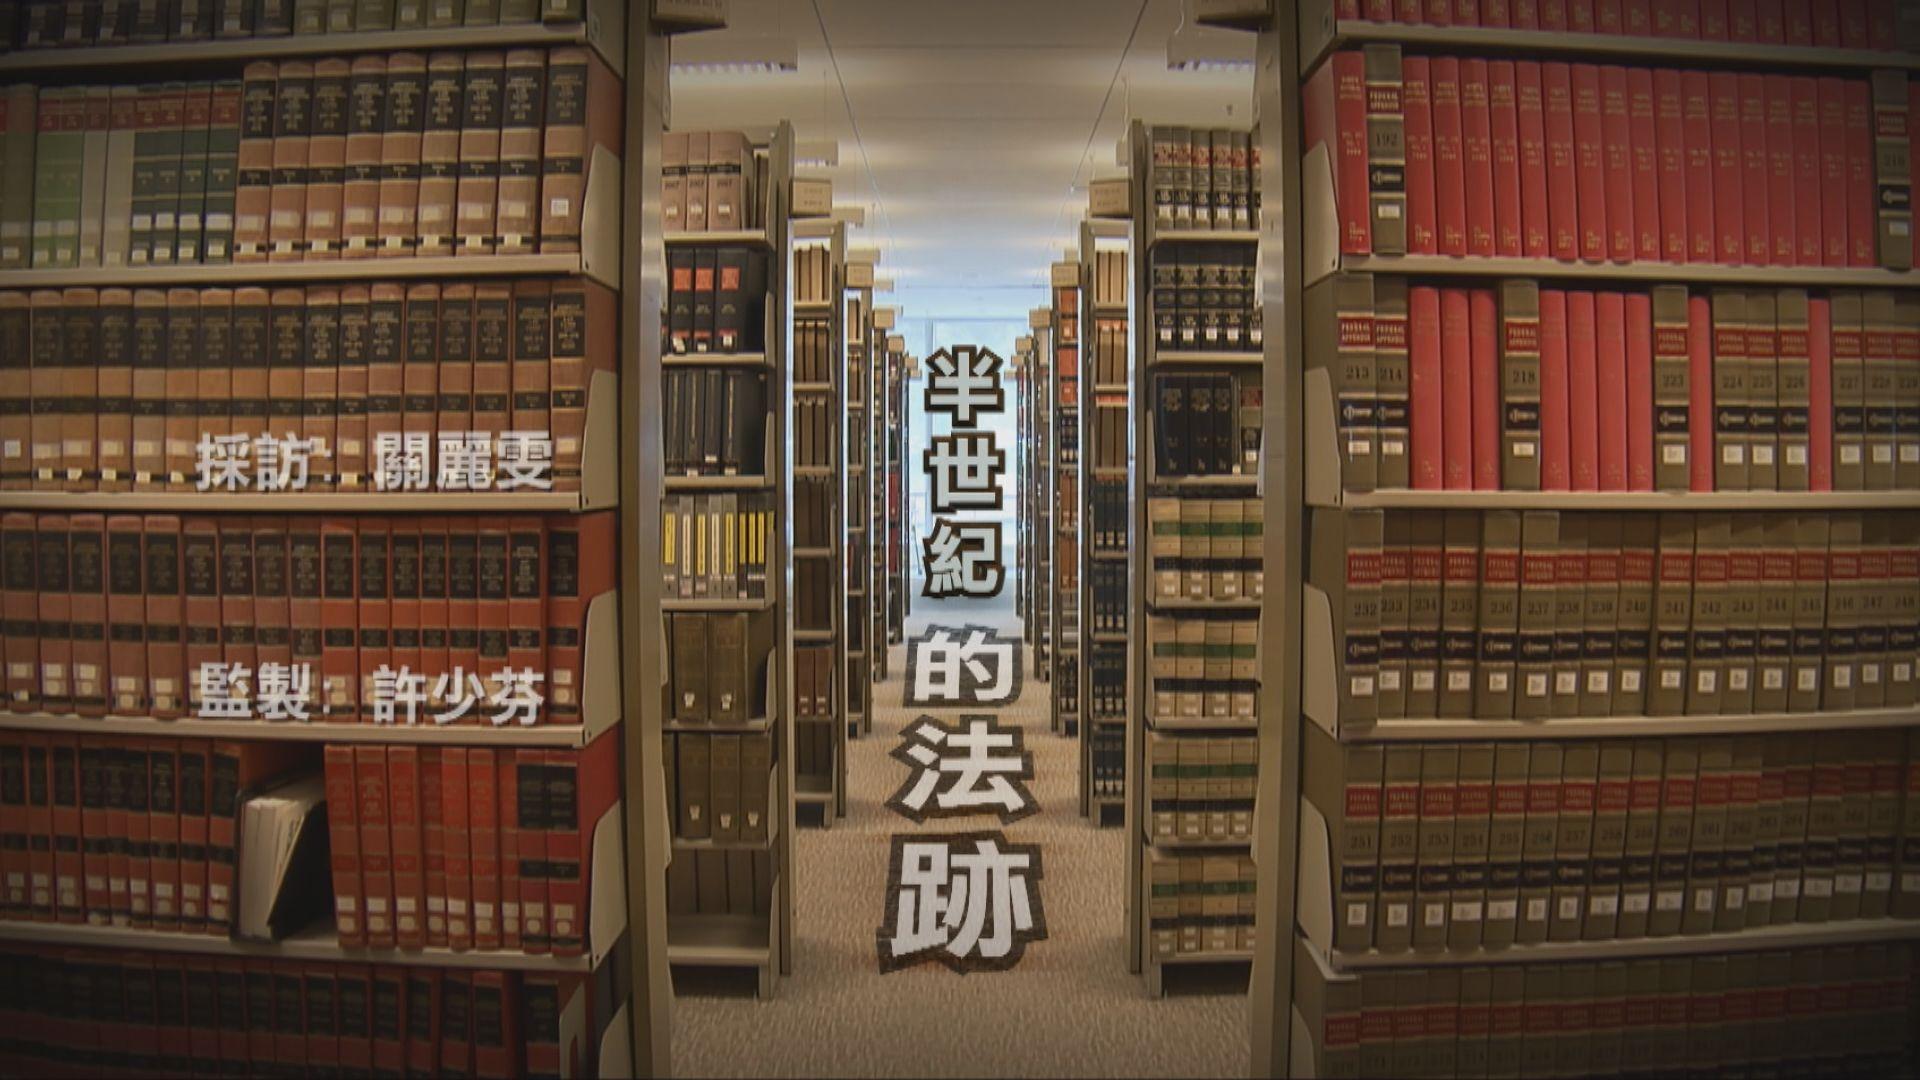 【經緯線】半世紀的法跡(一)